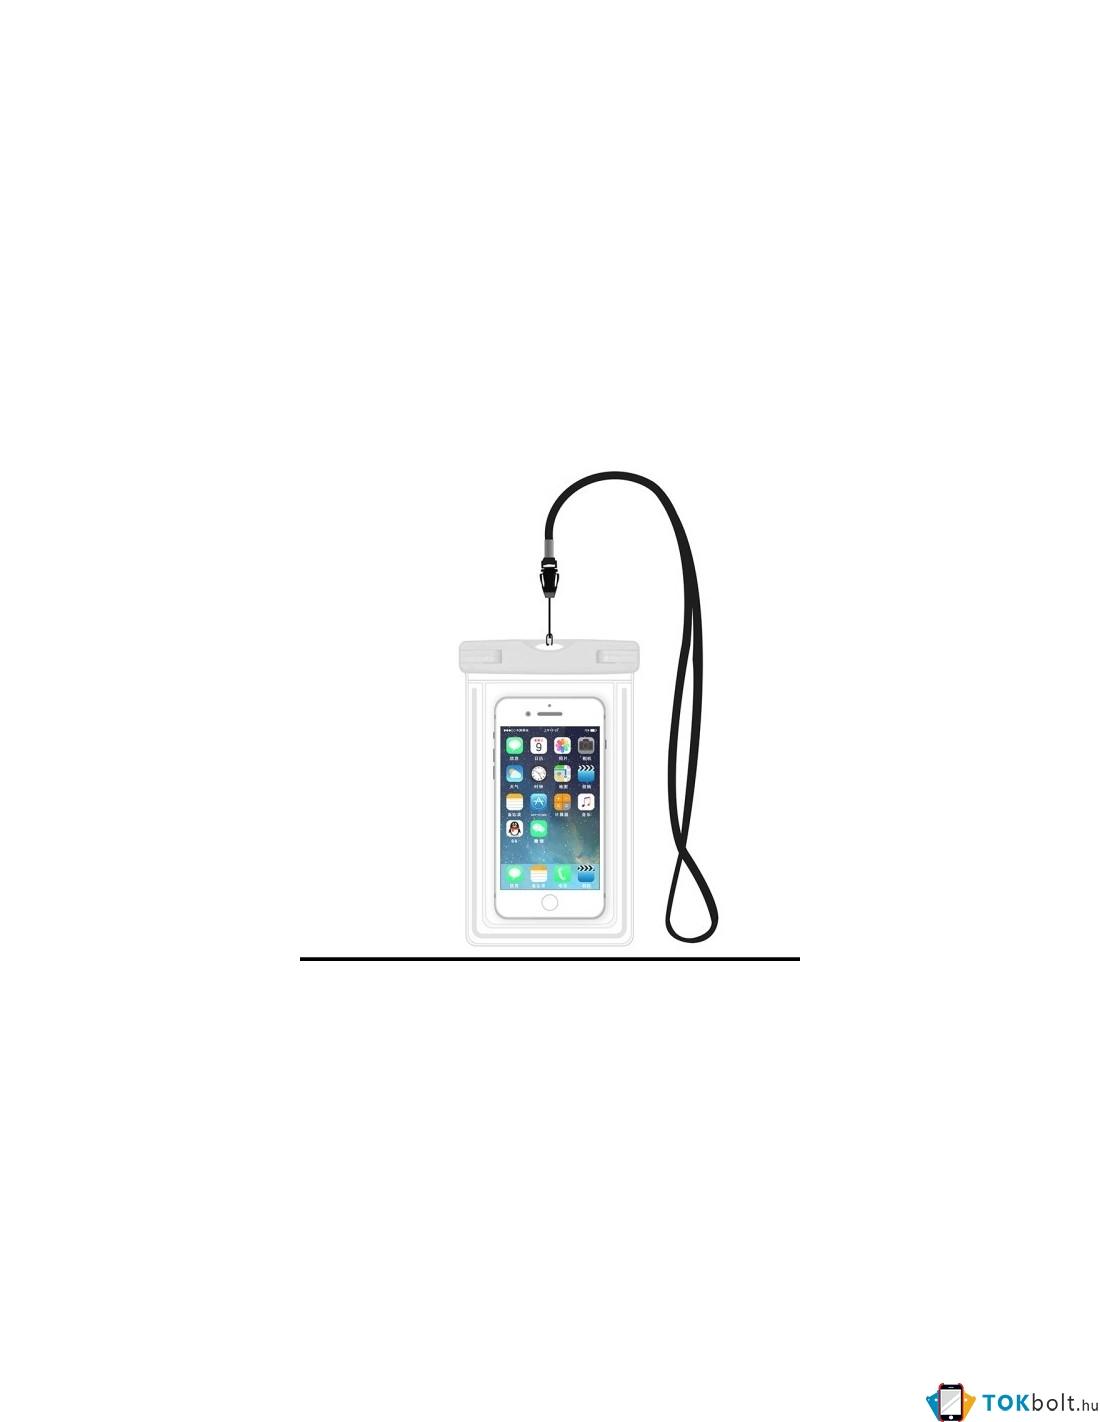 6107b12e3086 Vízálló mobiltelefon tartó 17 x 11 cm készülékekhez - FEHÉR